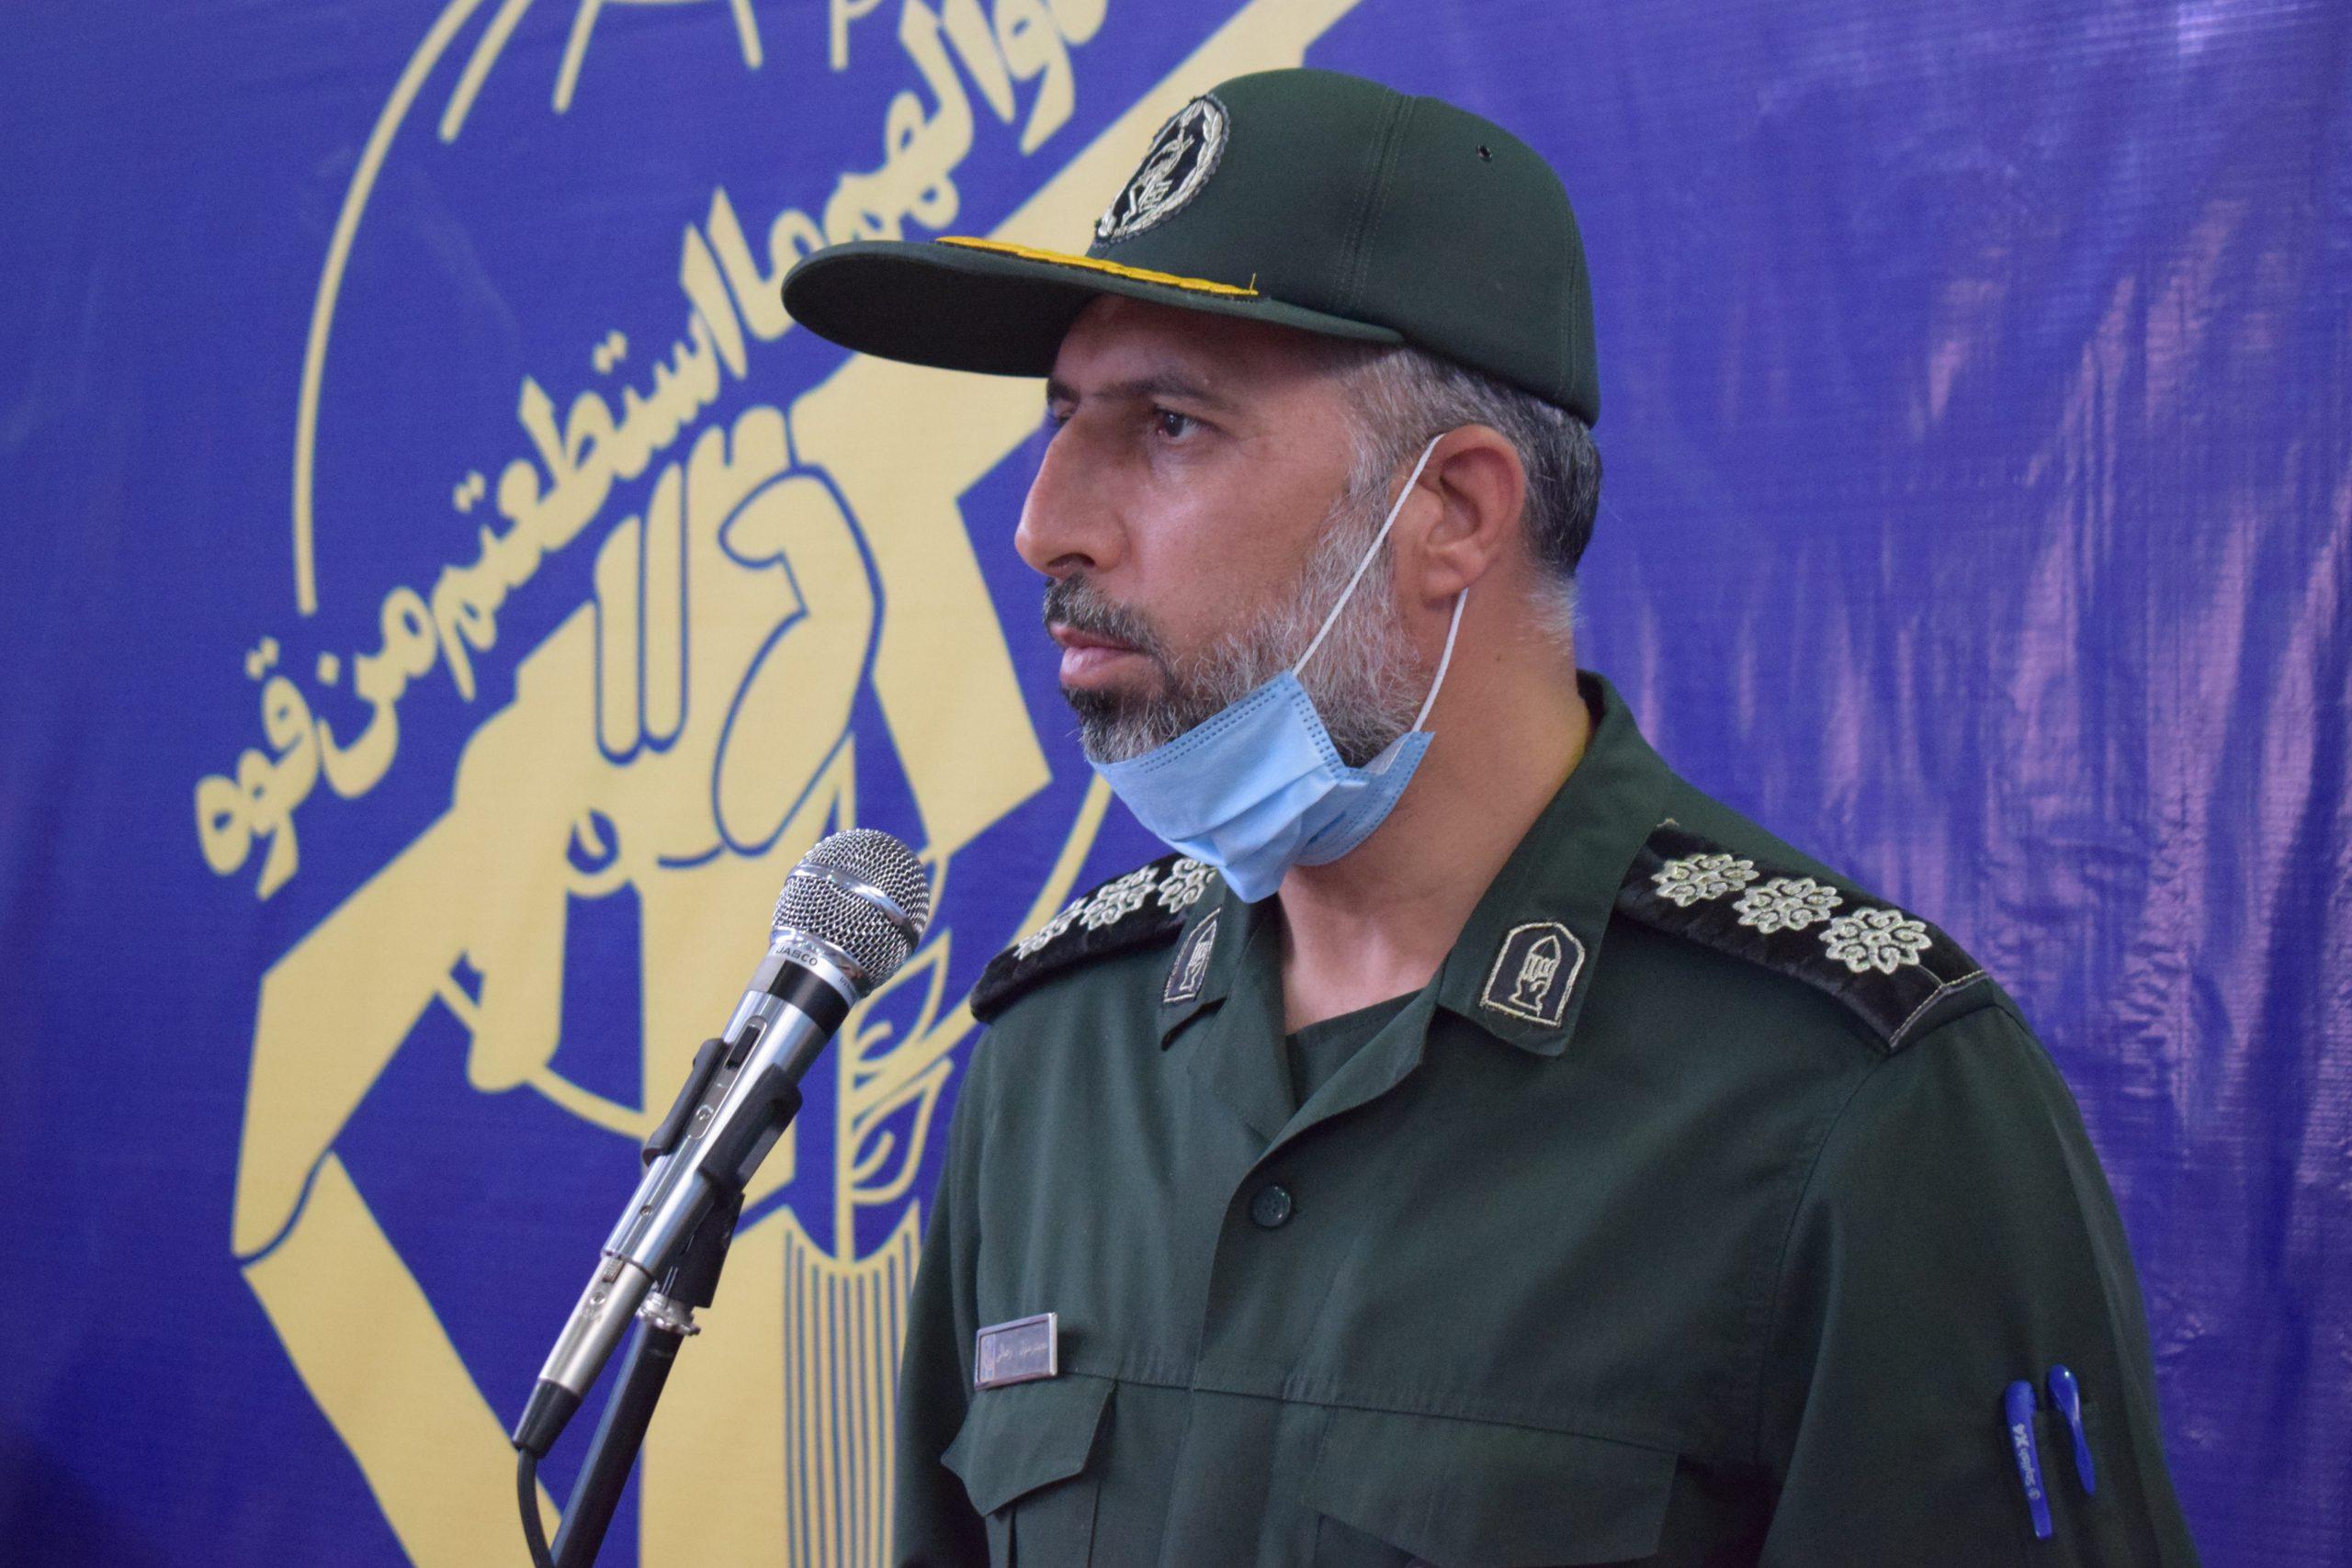 پیام فرمانده سپاه فیروزآباد به مناسبت روز قدس